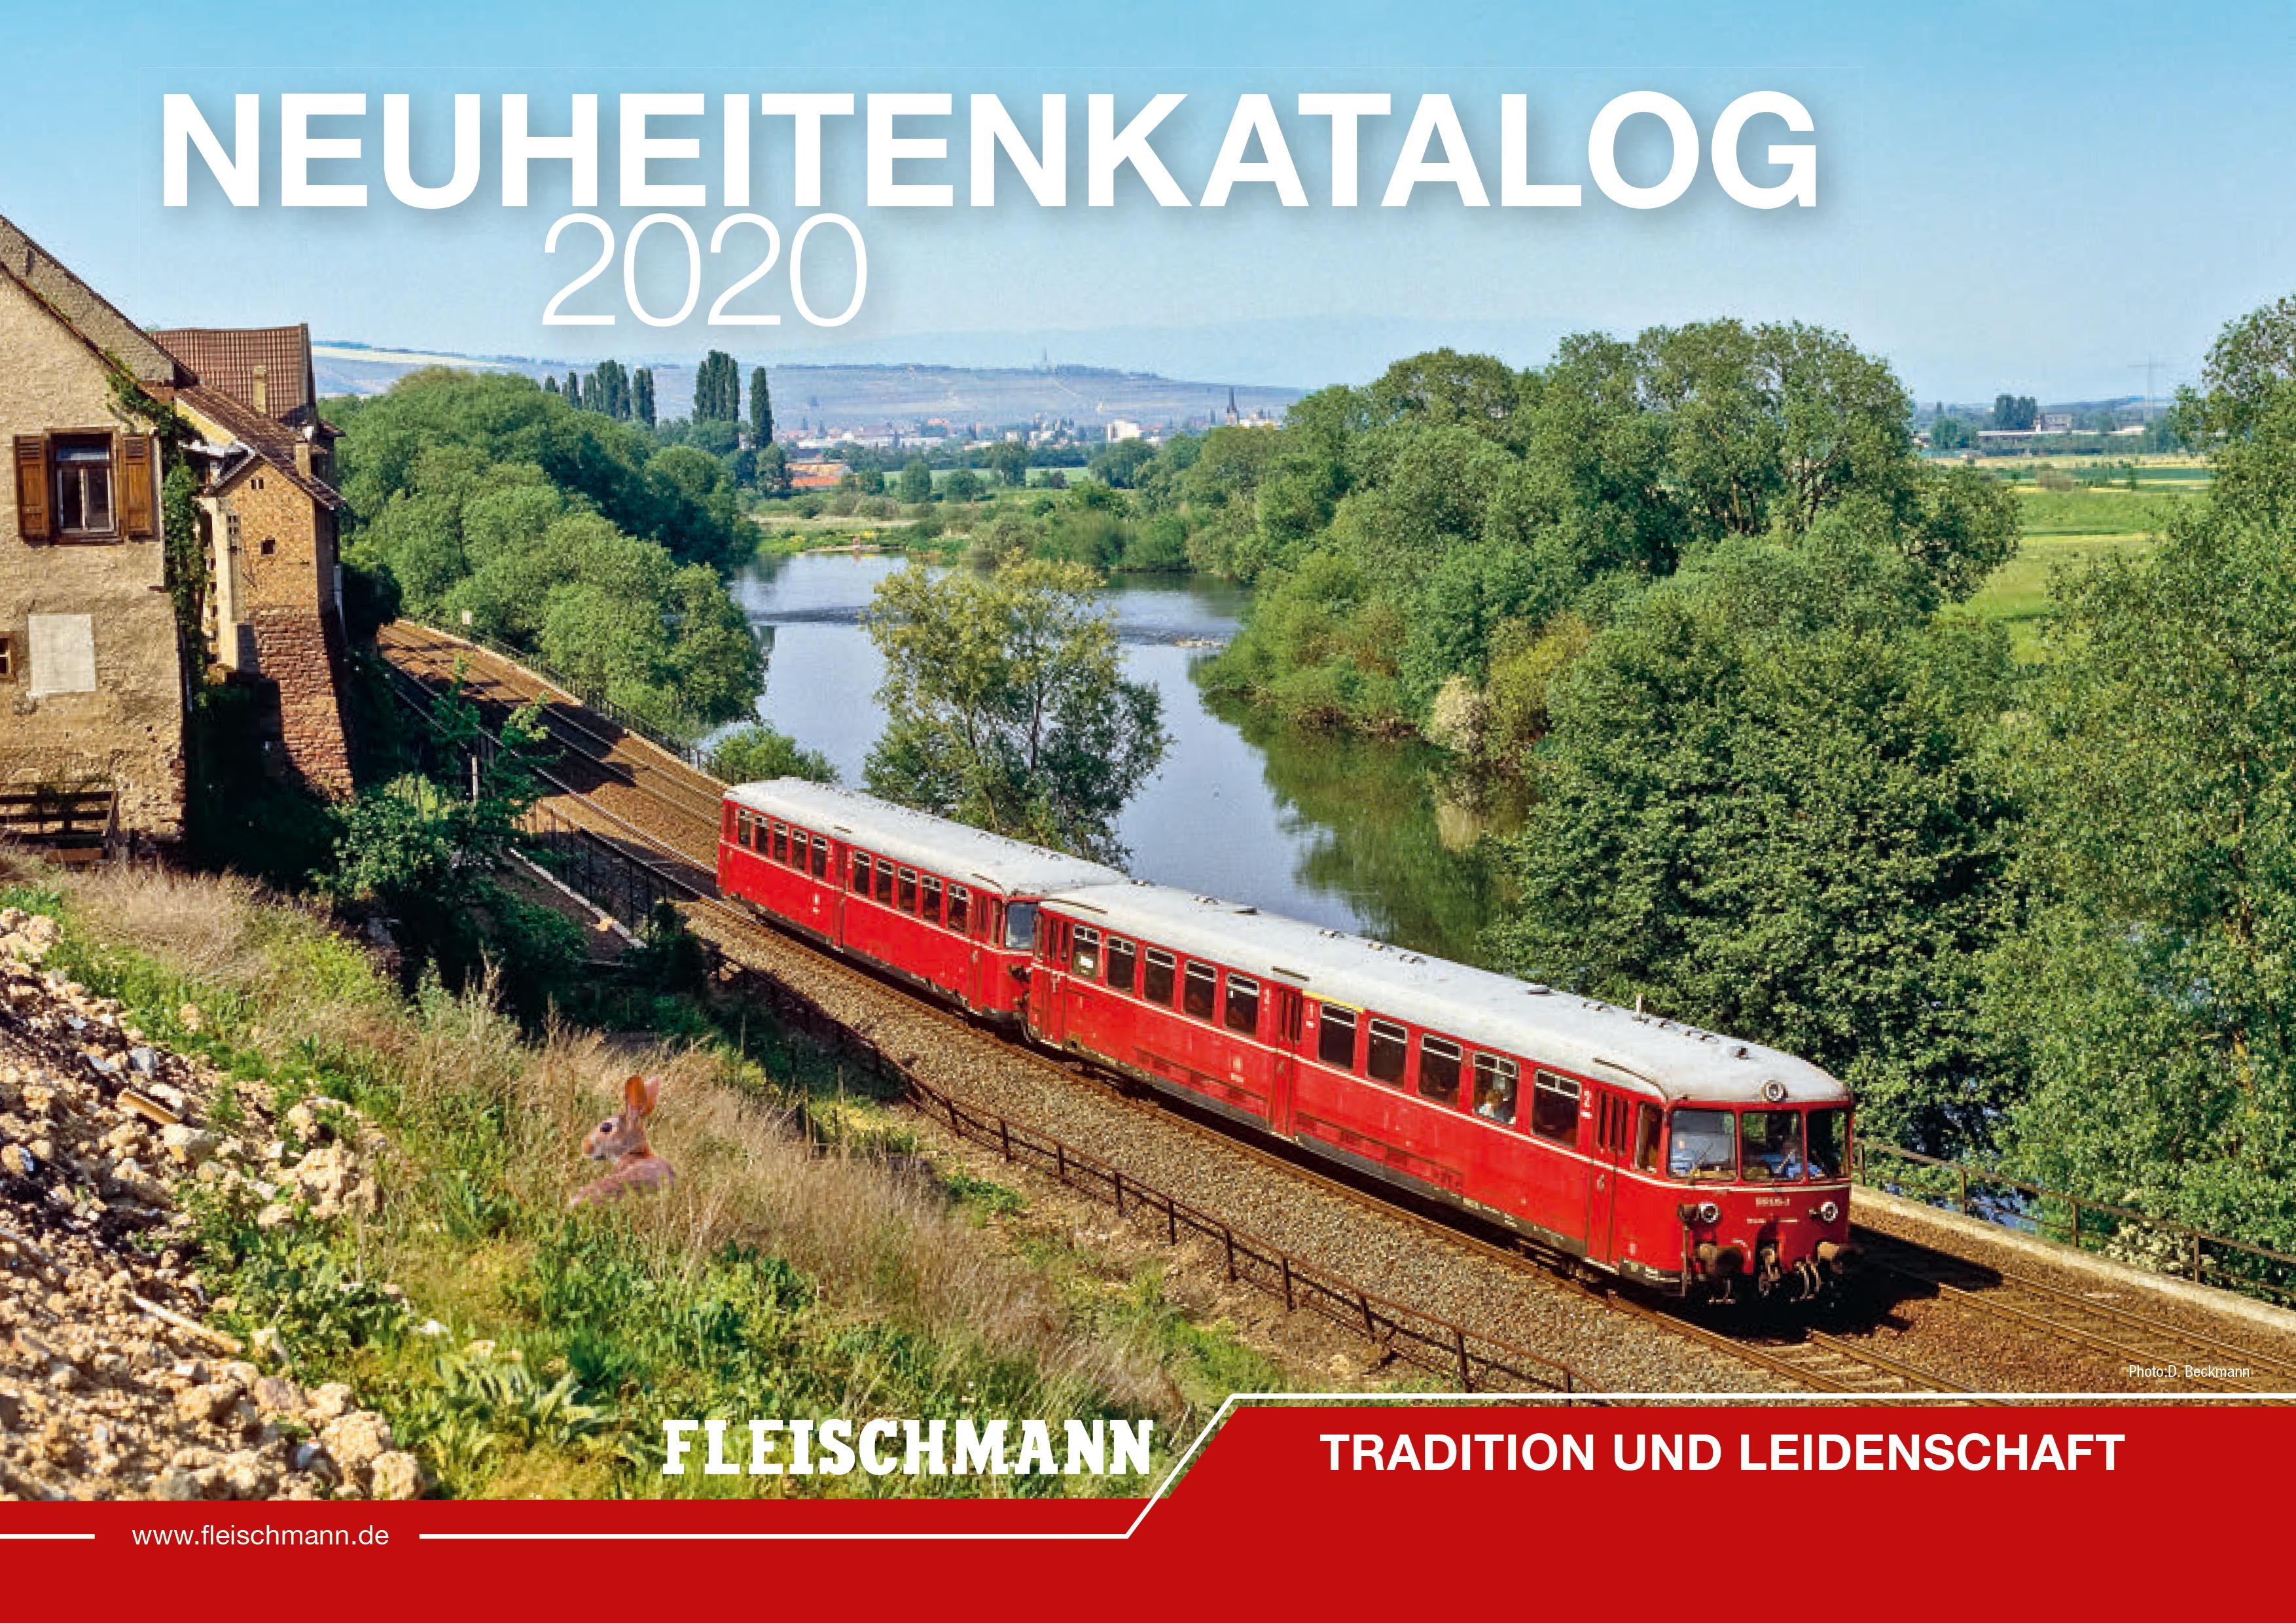 Fleischmann-Neuheiten_2020-1